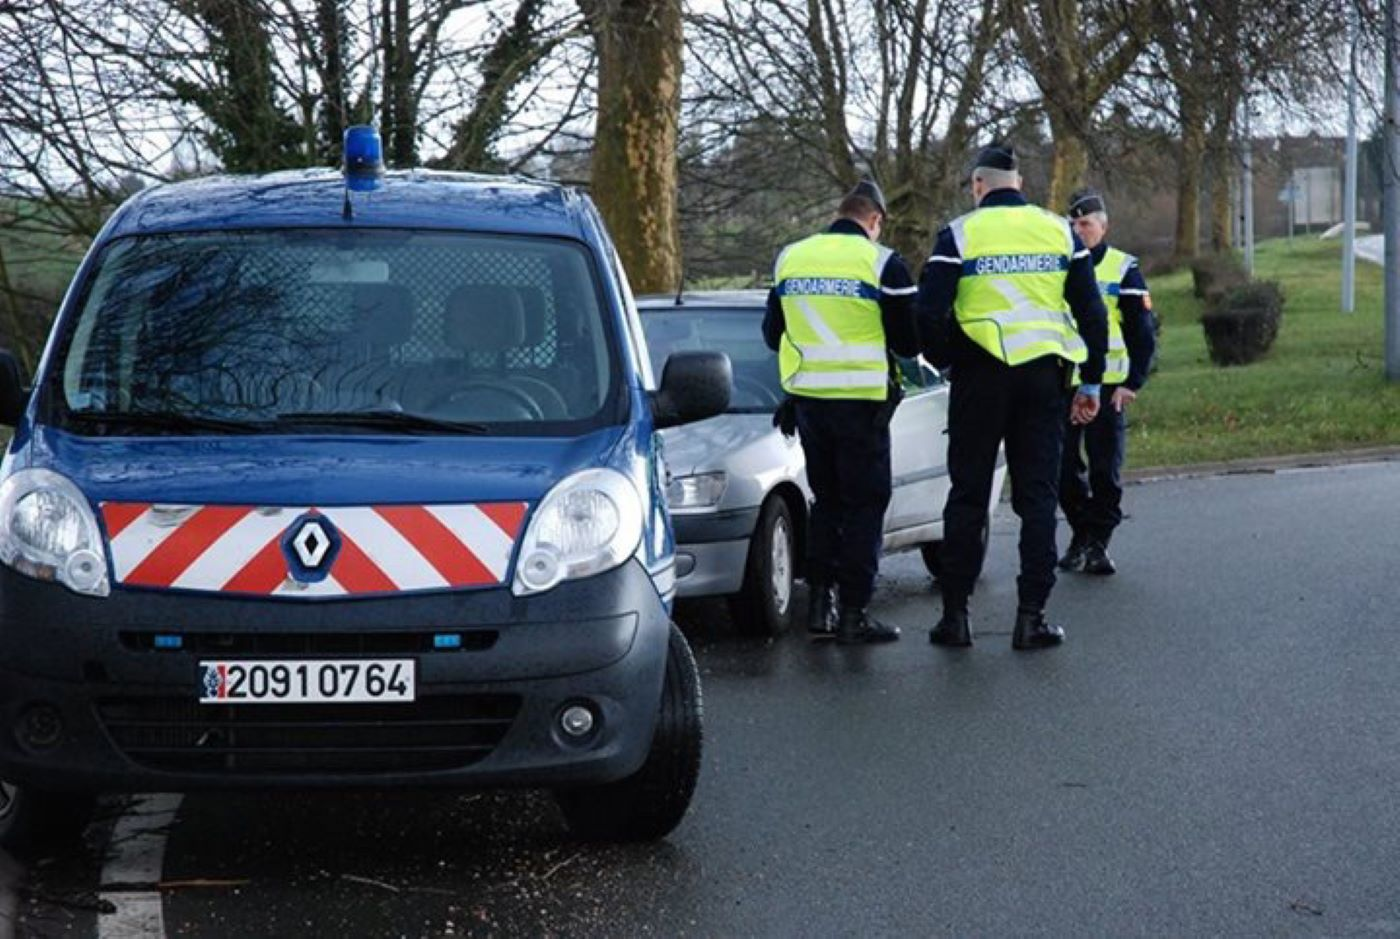 Le jeune conducteur, connu des gendarmes, conduisait sans permis - Illustration @gendarmerie